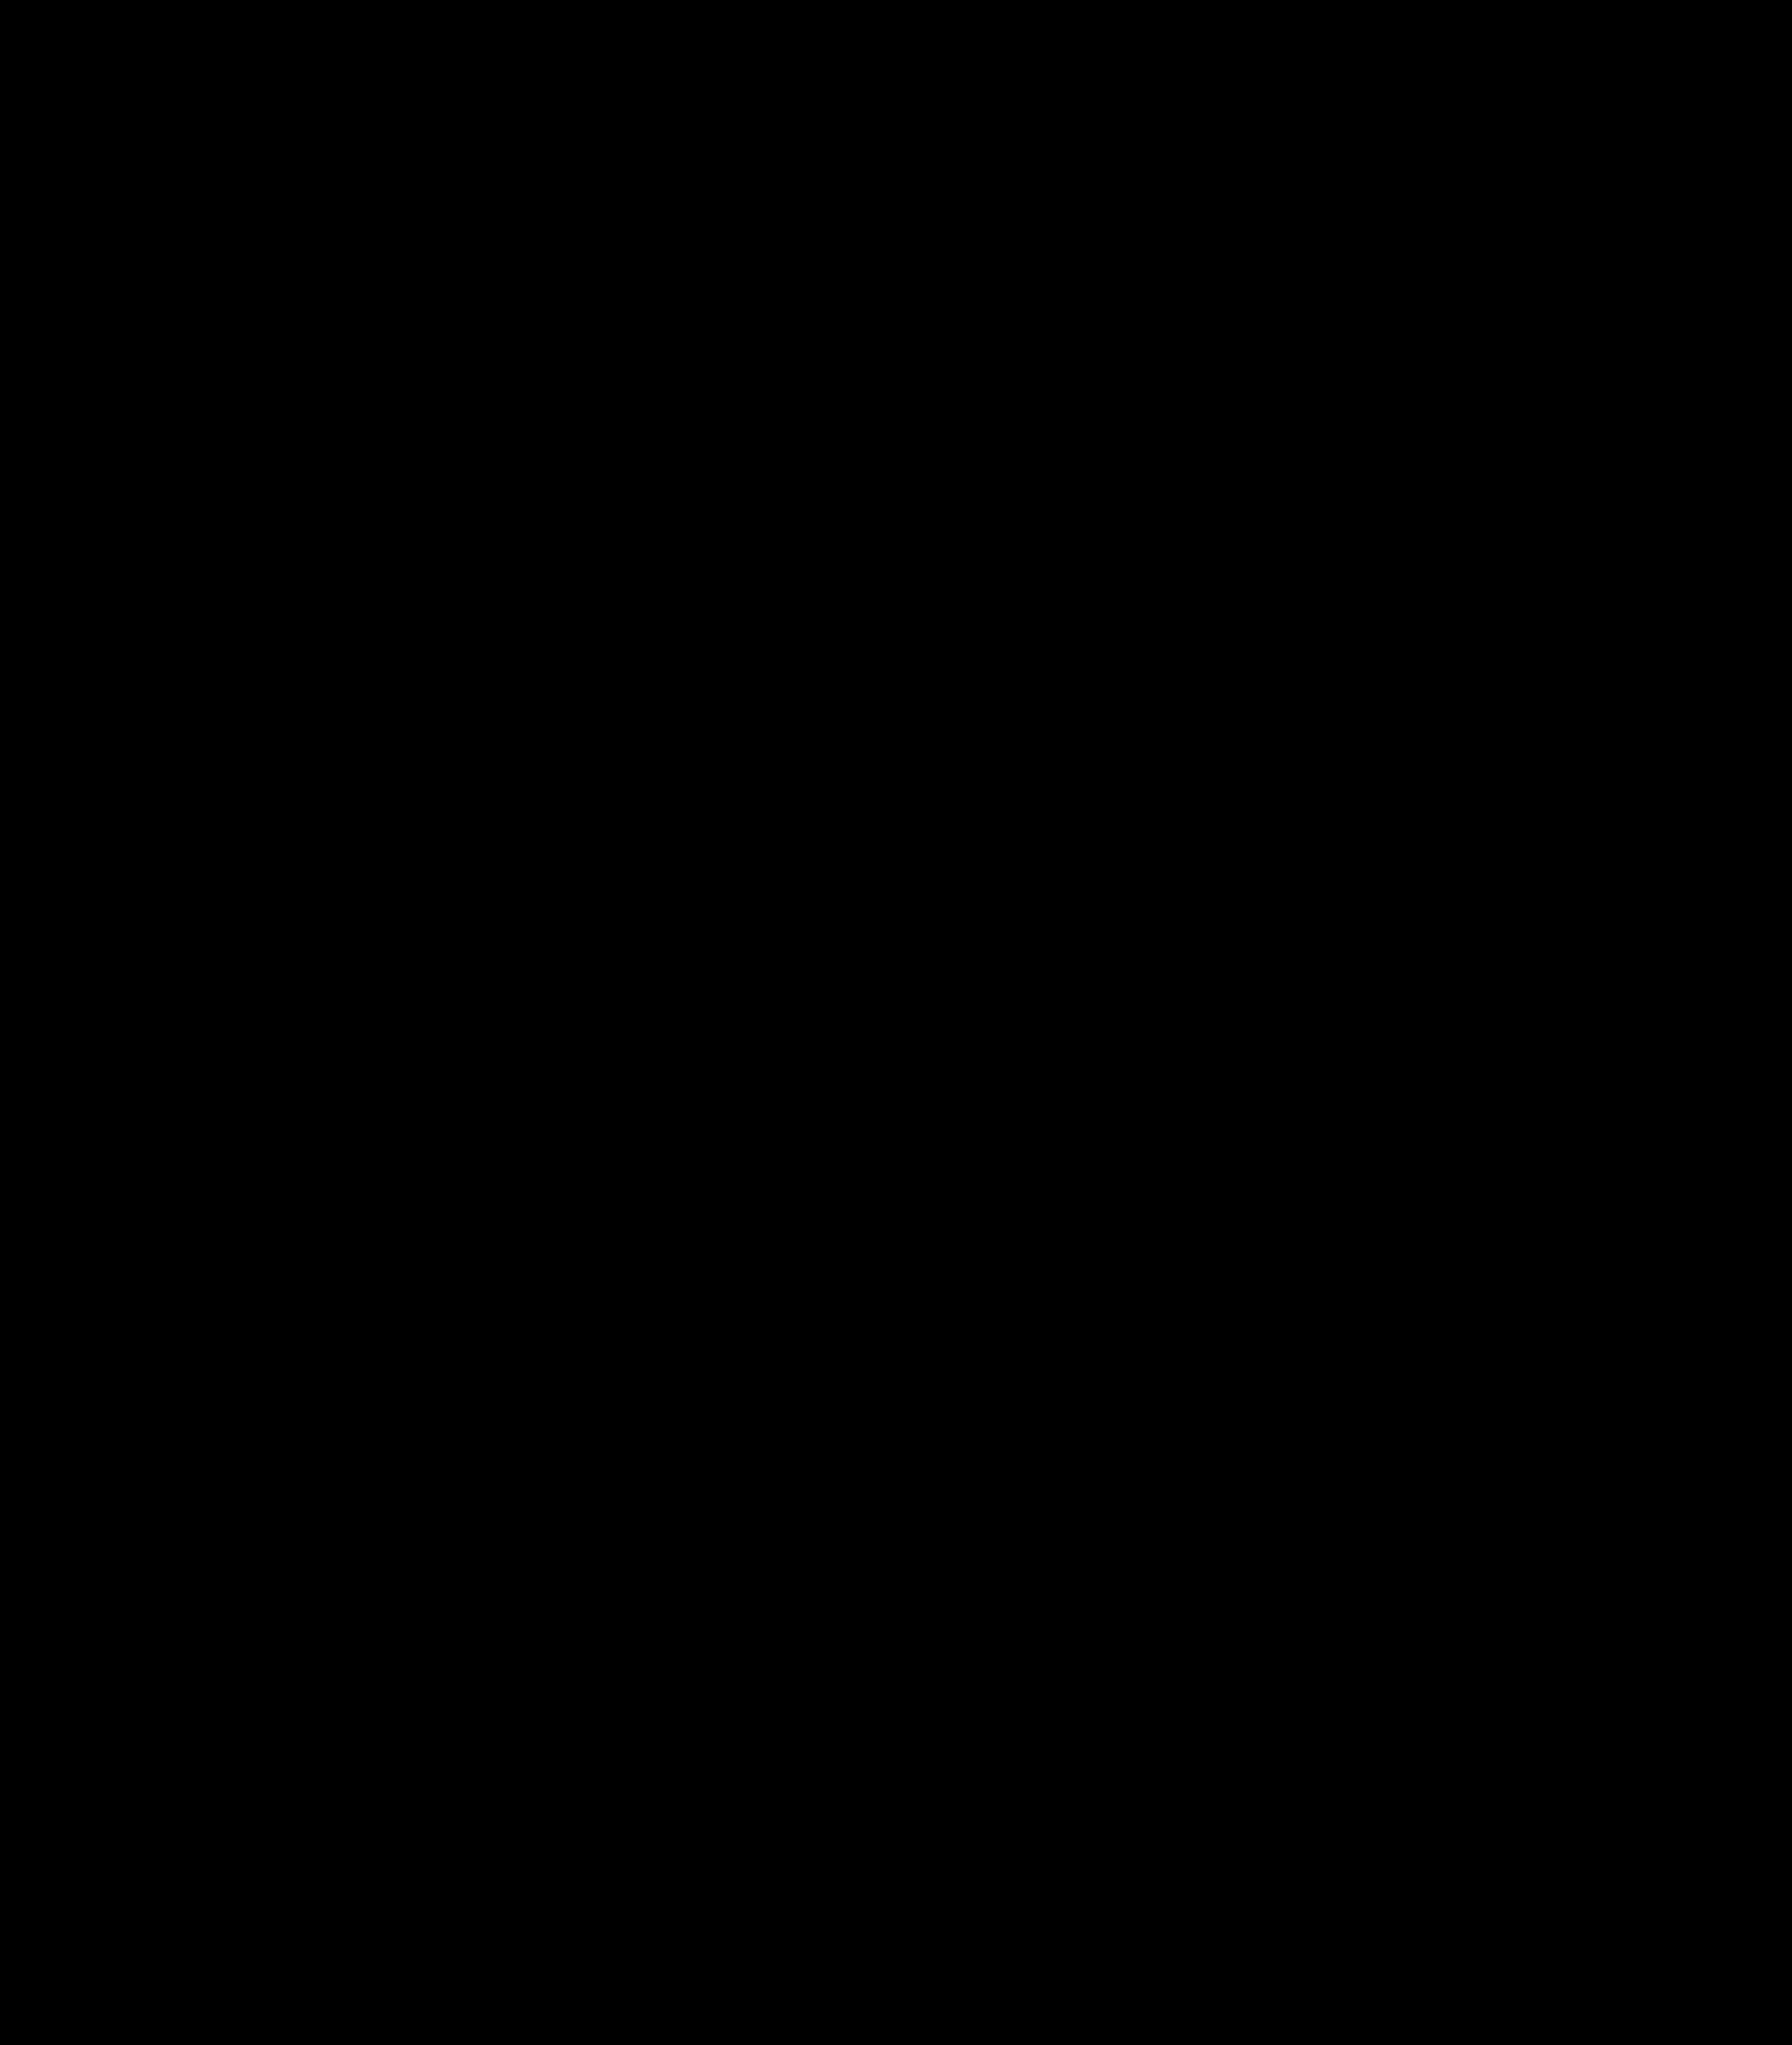 Line Art Flower Design Png : Clipart bitterroot